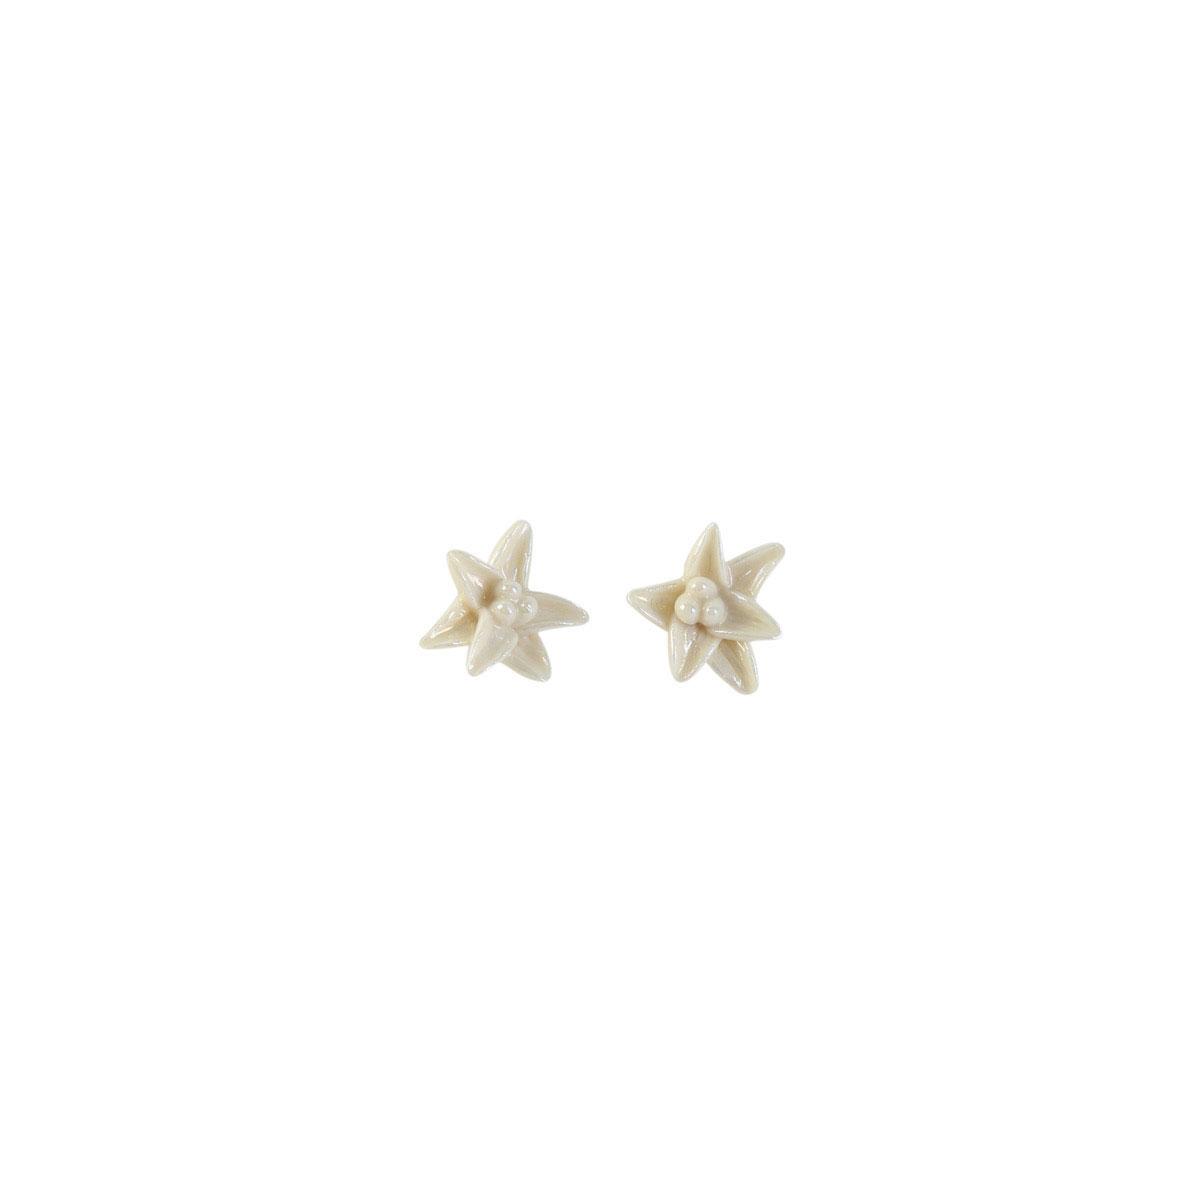 Belleek Porcelain Jewelry Freesia Earrings Mother of Pearl, Pair